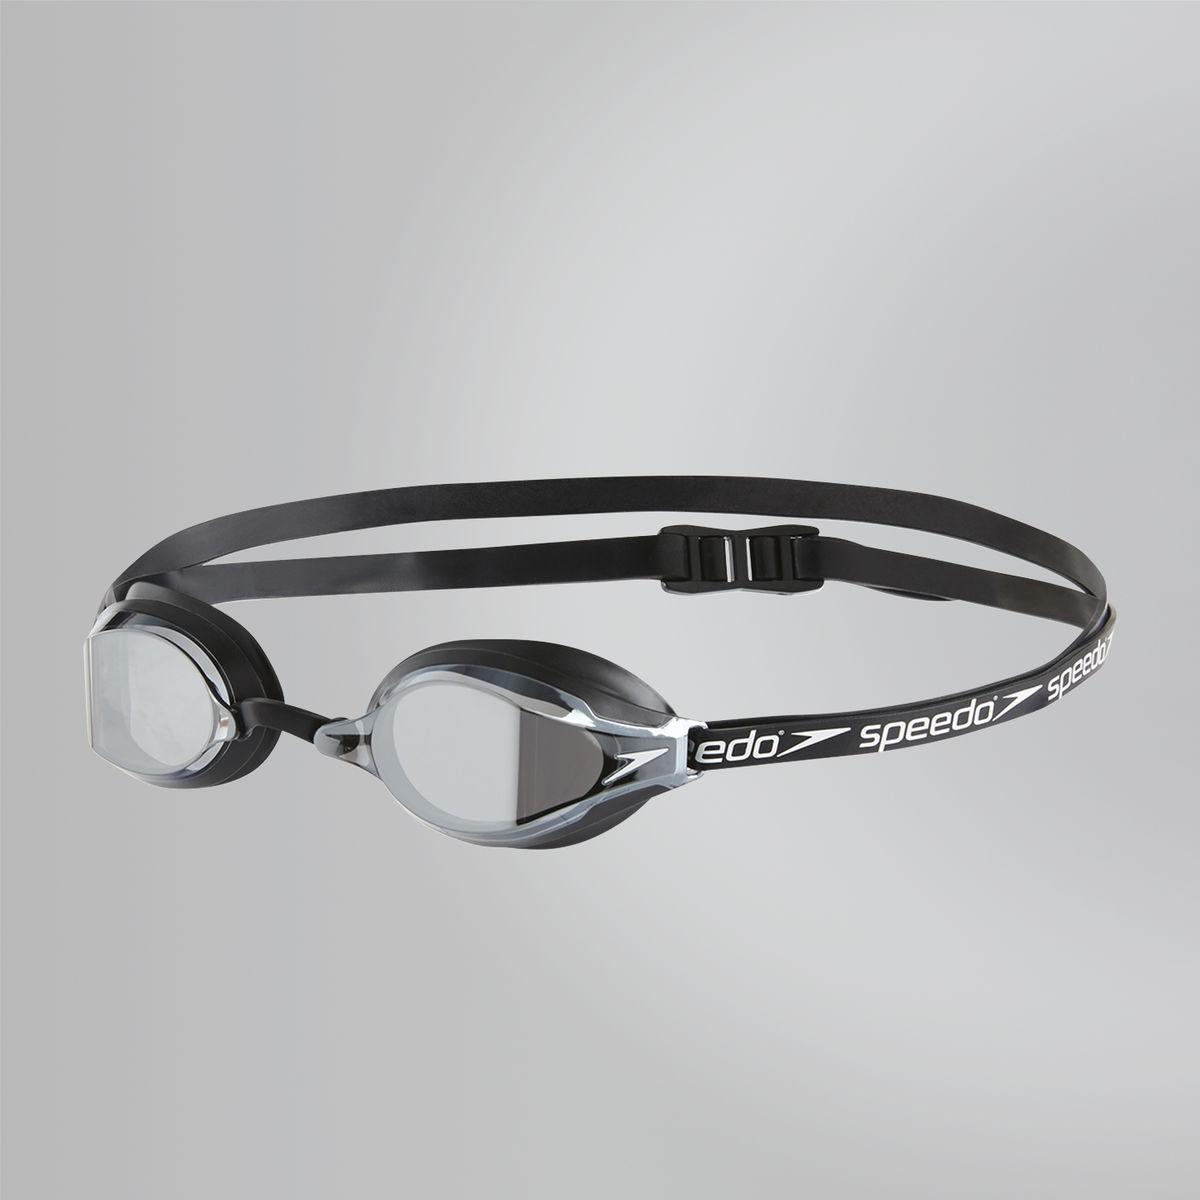 Speedo zwembril Speedsocket 2 mirror